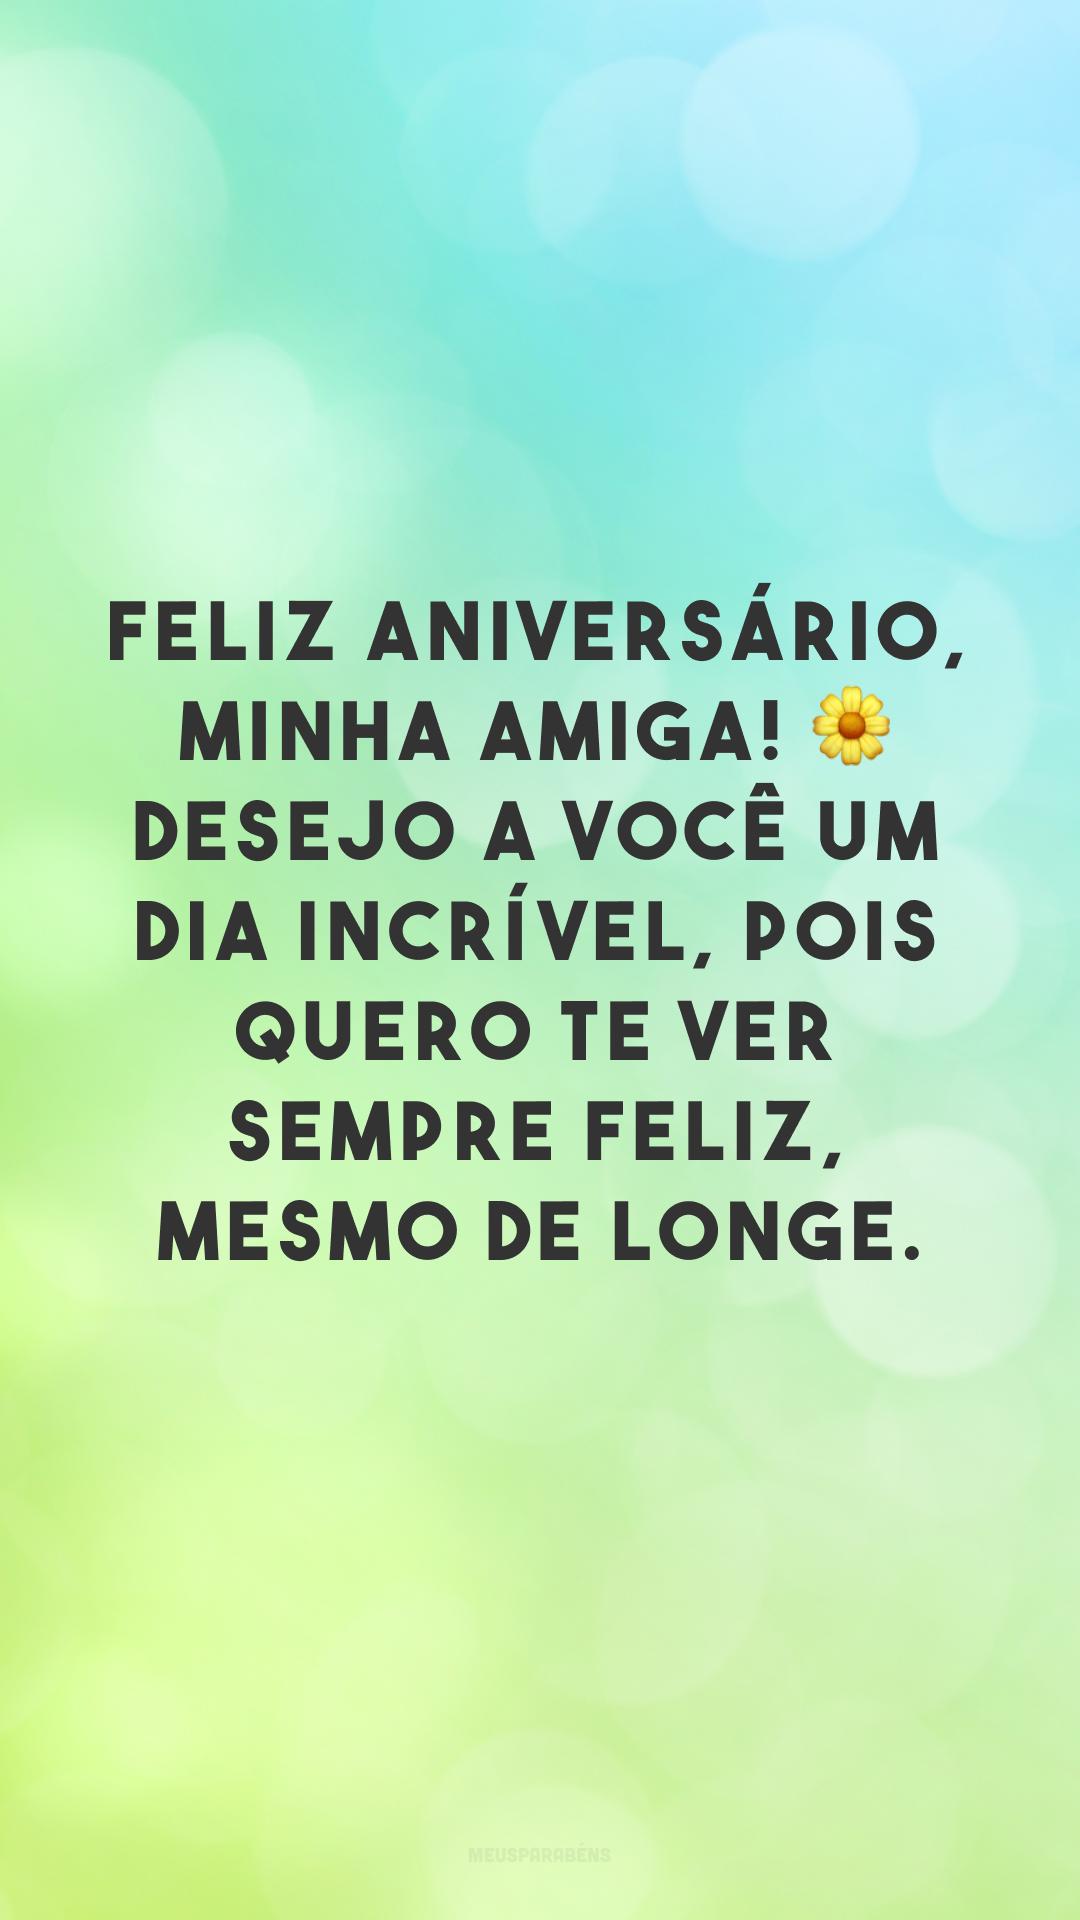 Feliz aniversário, minha amiga! 🌼 Desejo a você um dia incrível, pois quero te ver sempre feliz, mesmo de longe.